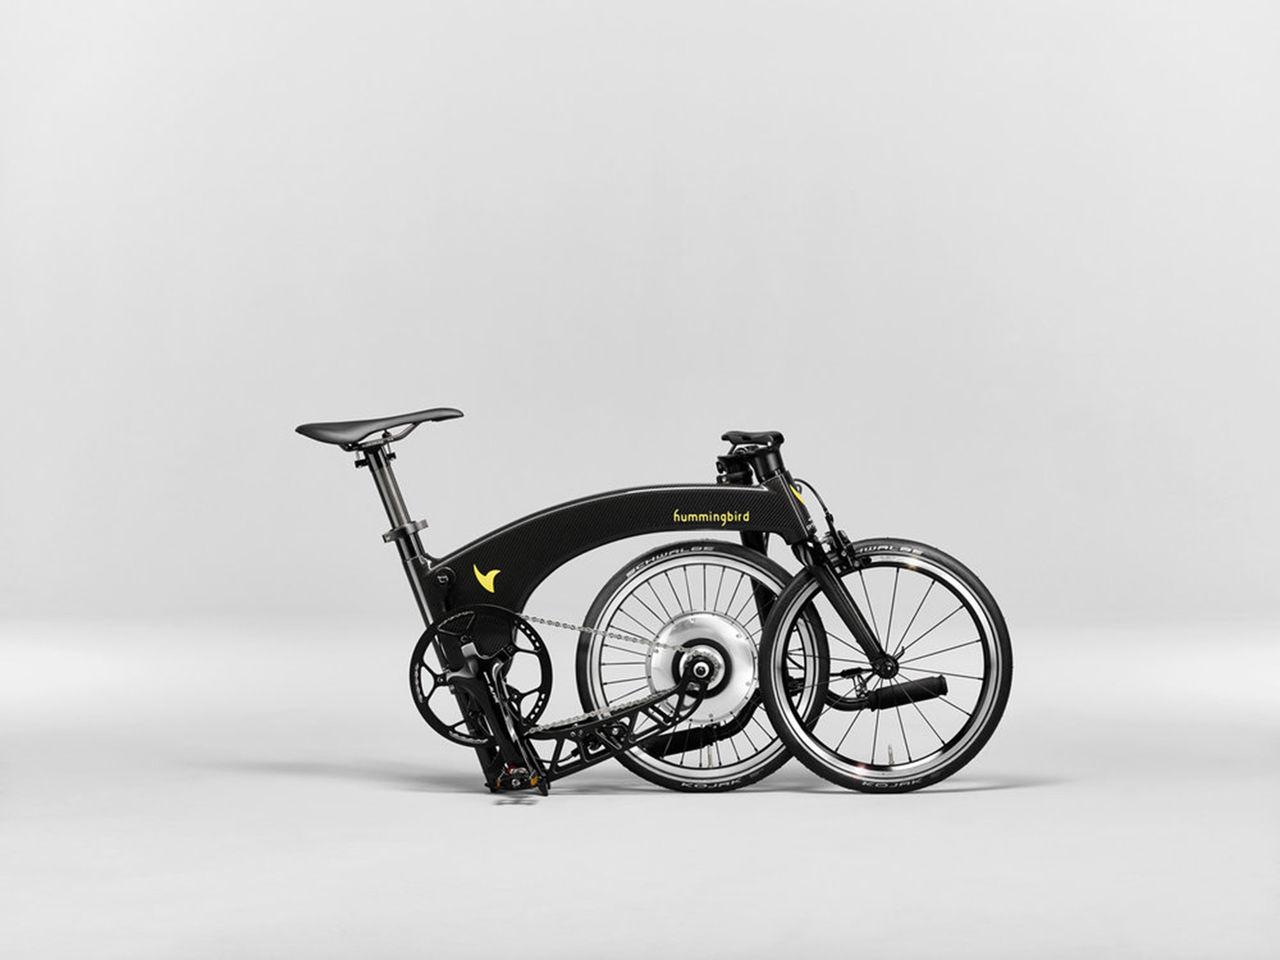 Det här är världens lättaste ihopfällbara elcykel